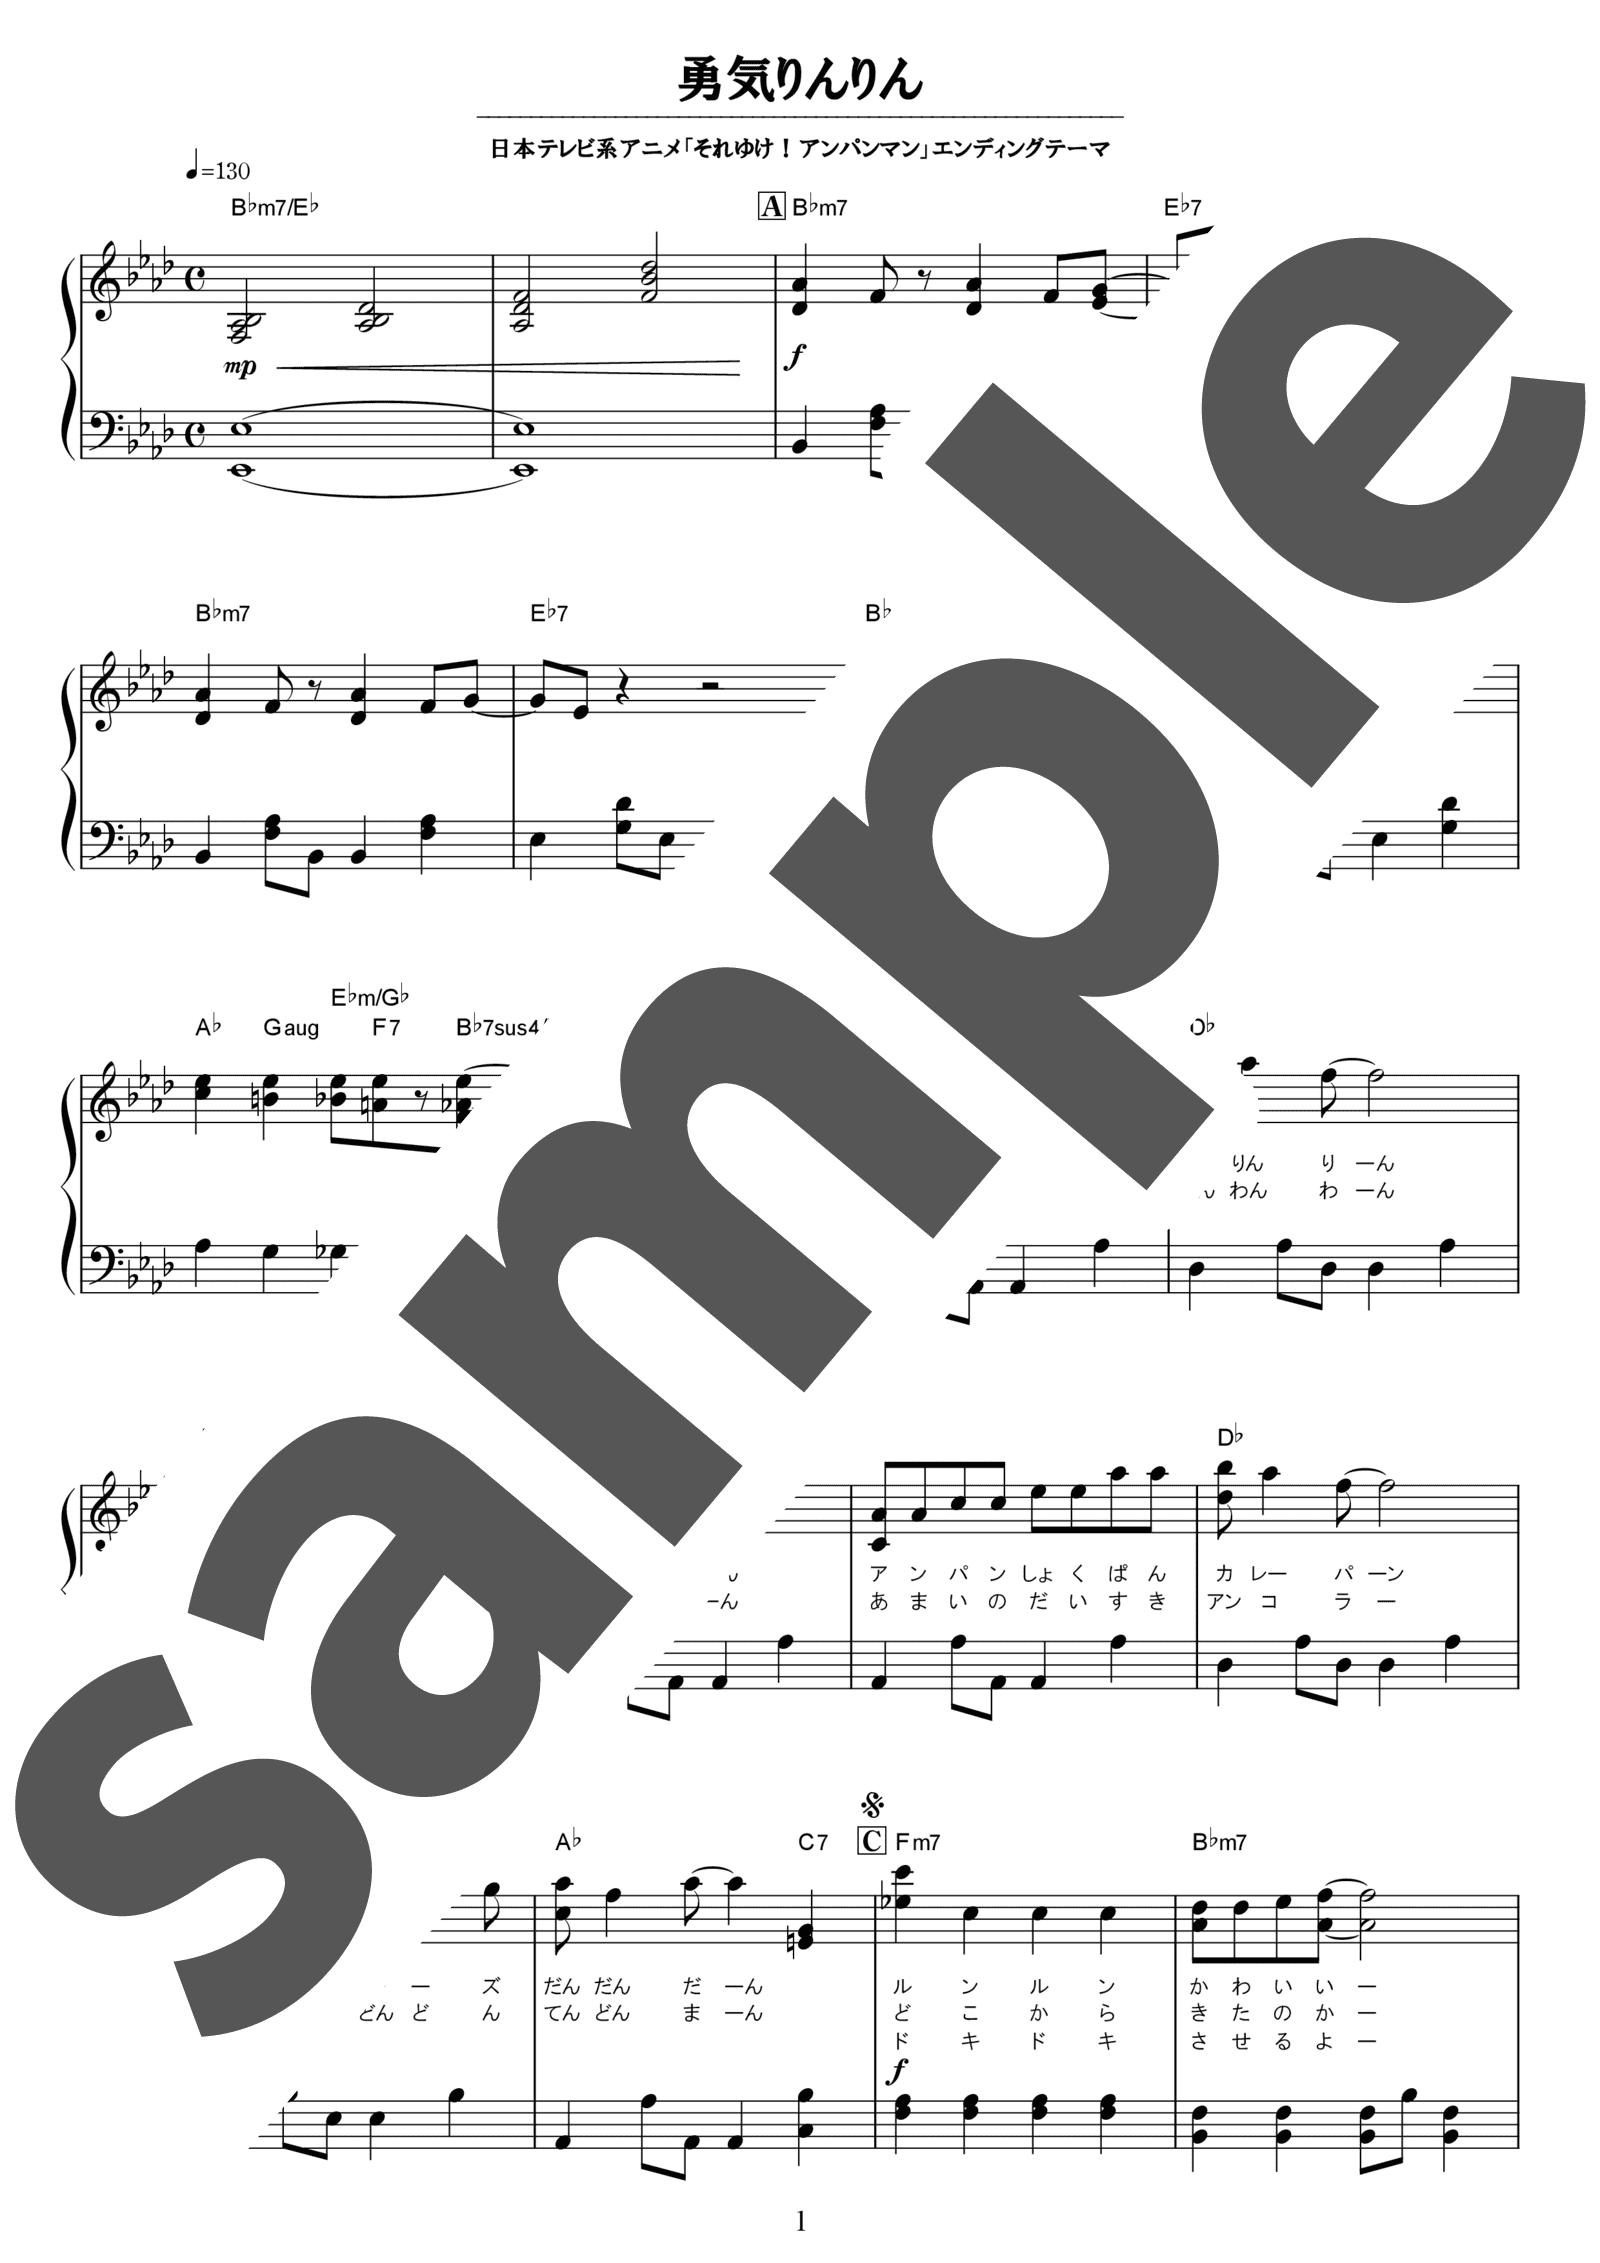 「勇気りんりん」のサンプル楽譜